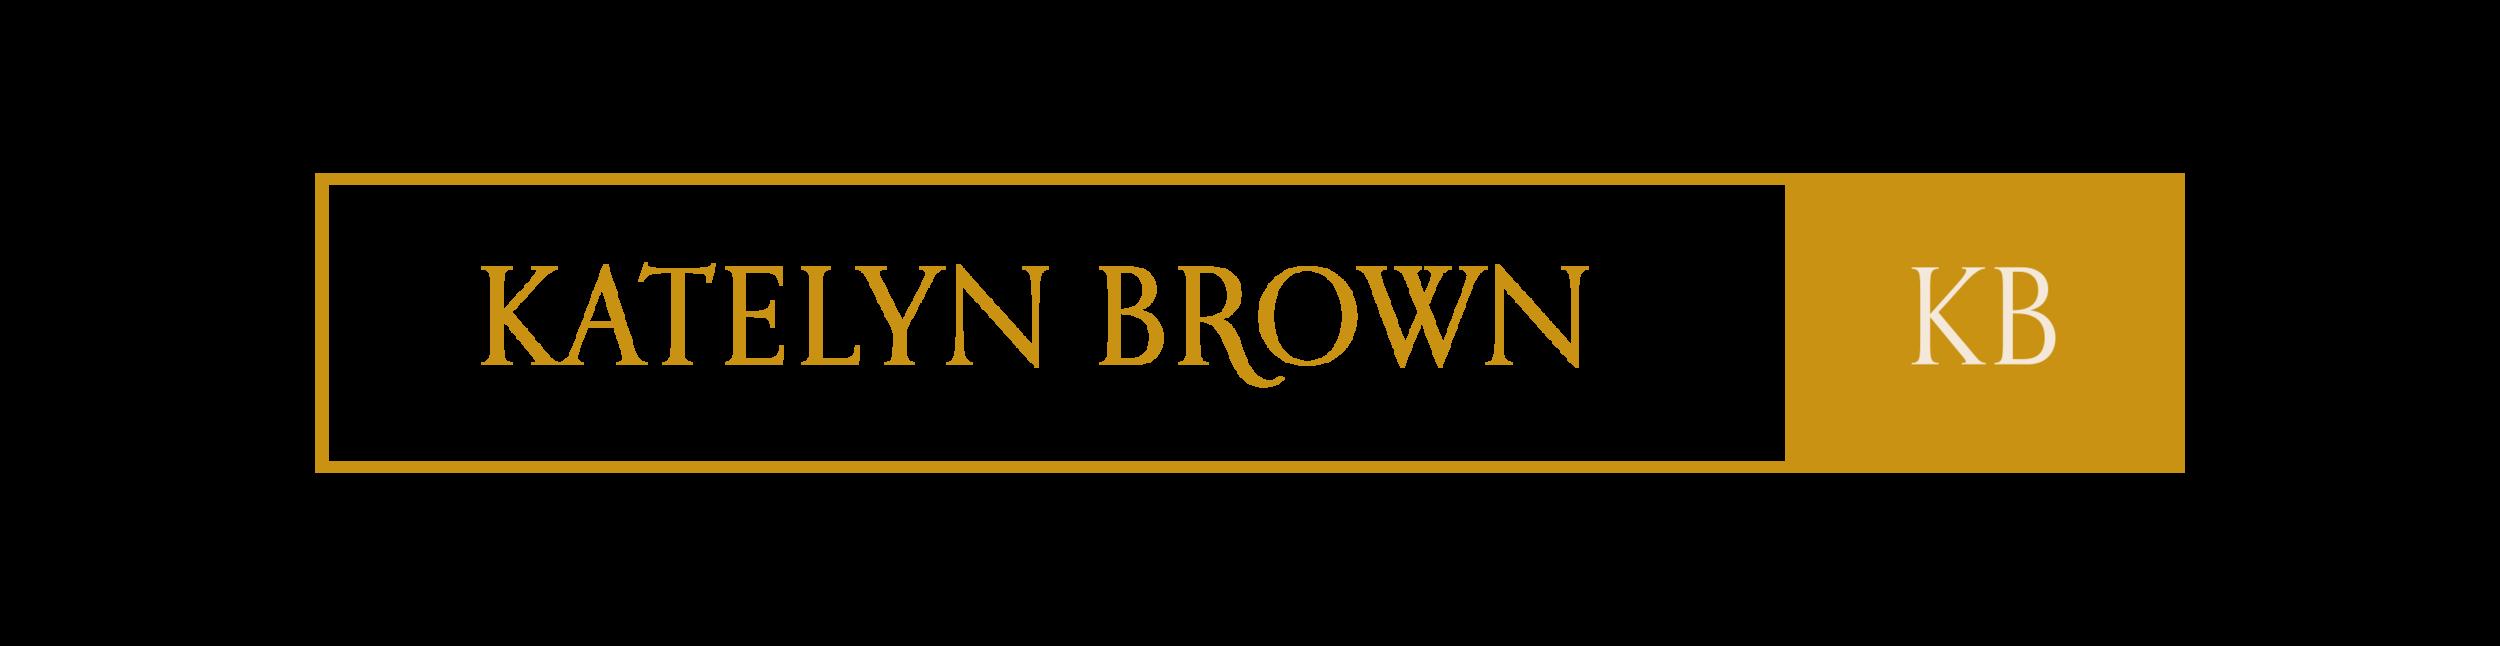 11B logo tag.png